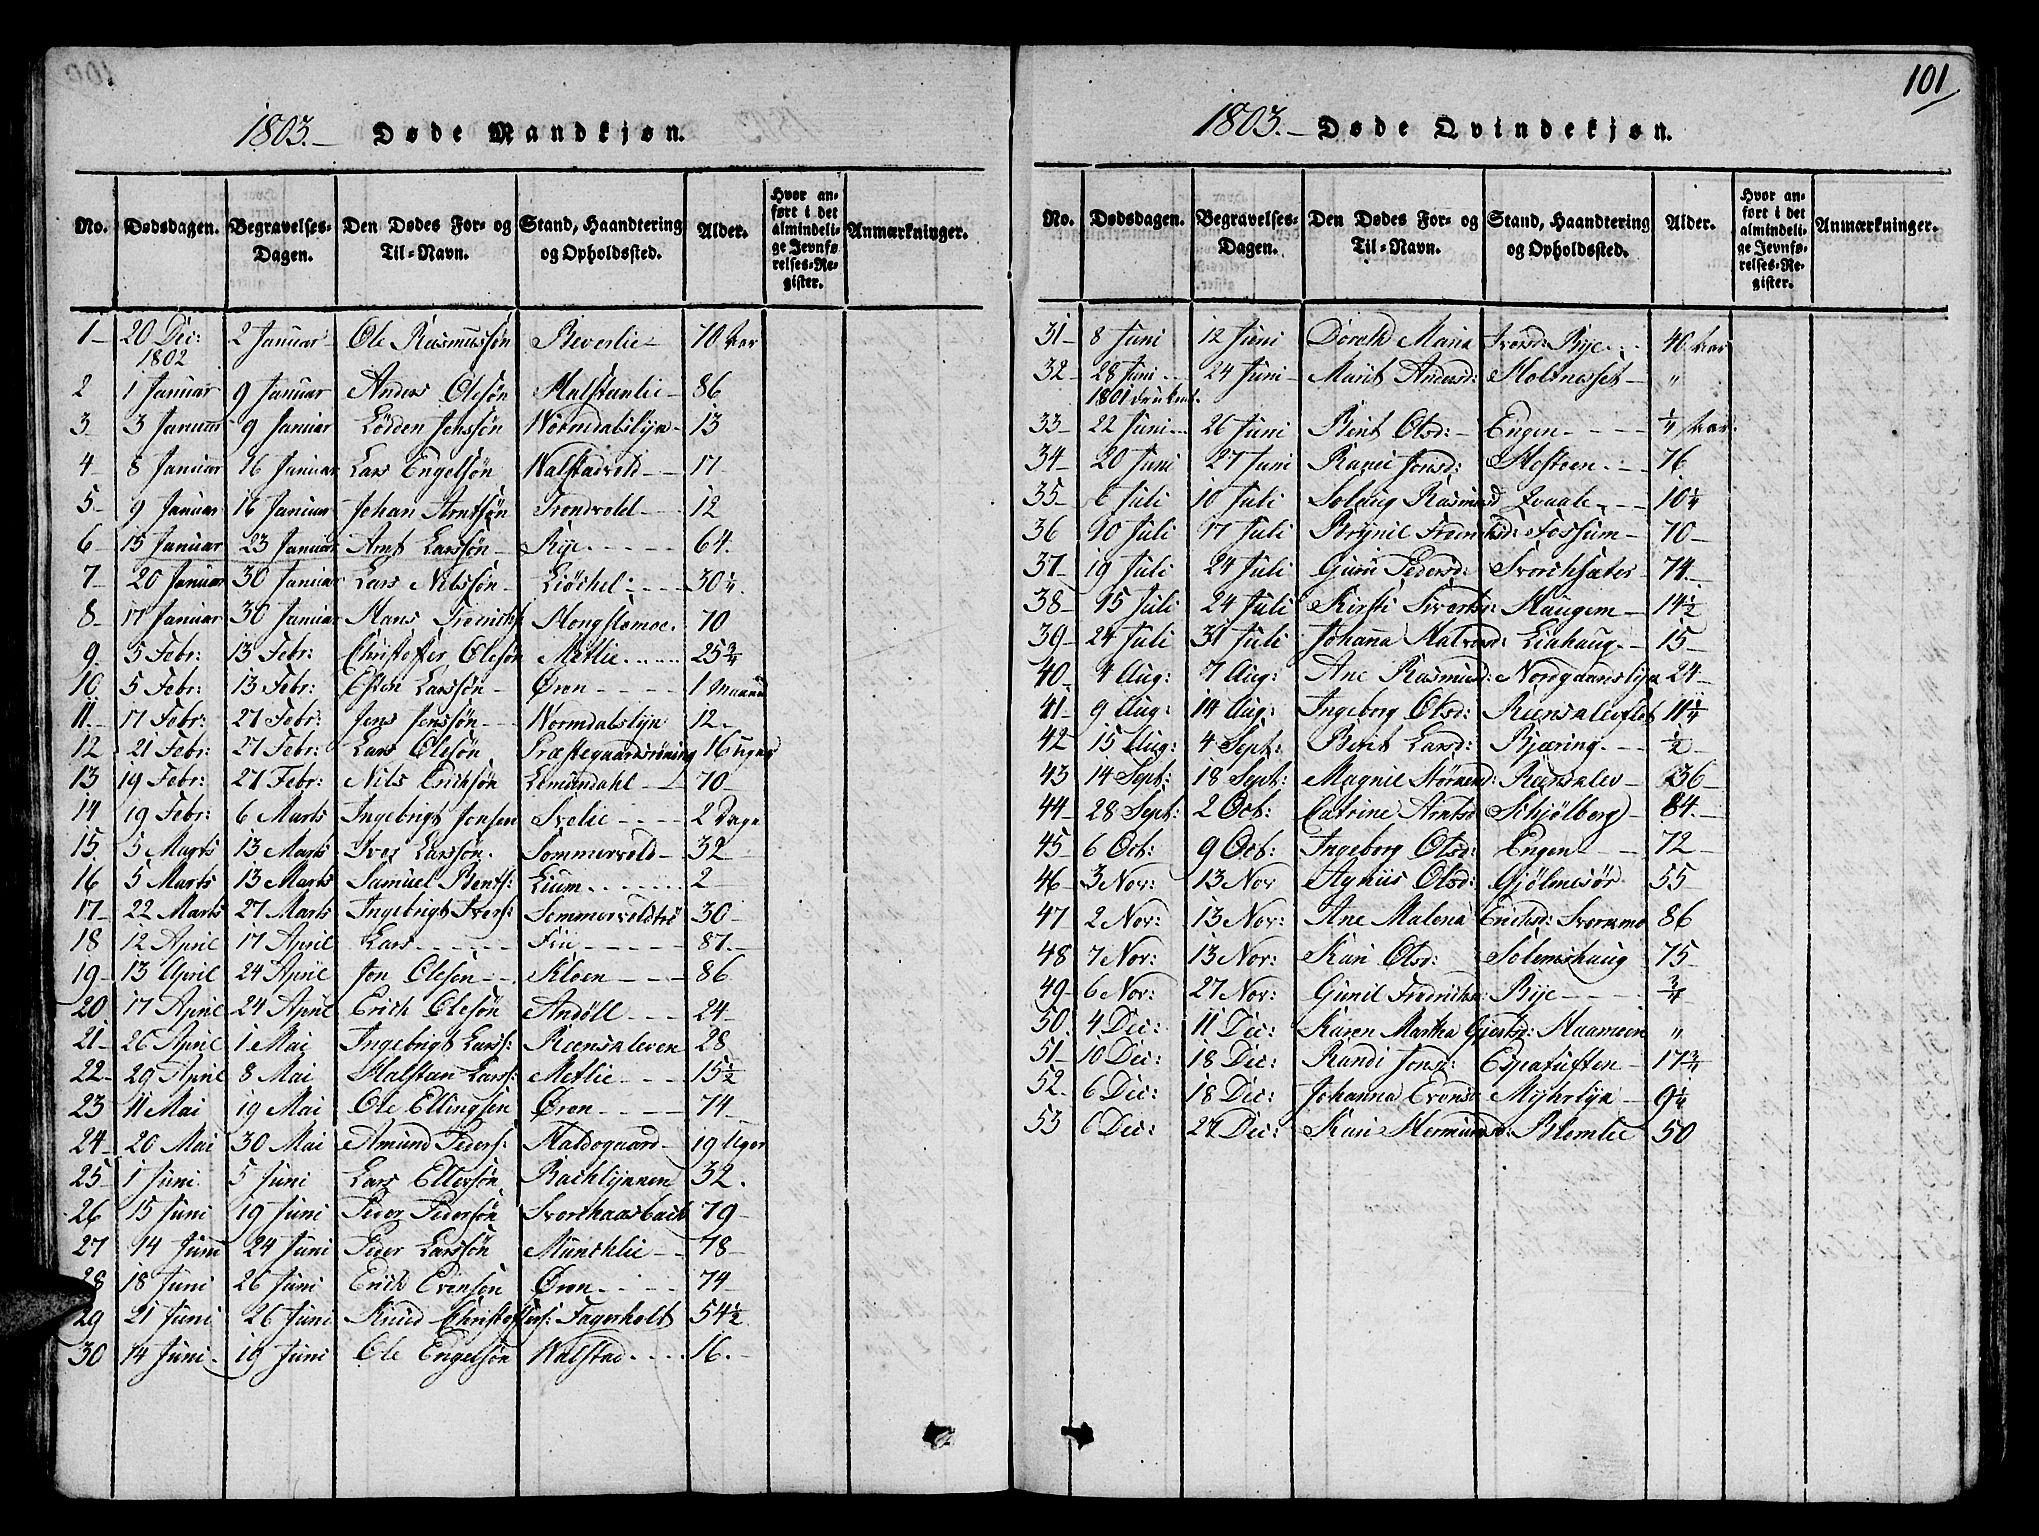 SAT, Ministerialprotokoller, klokkerbøker og fødselsregistre - Sør-Trøndelag, 668/L0803: Ministerialbok nr. 668A03, 1800-1826, s. 101